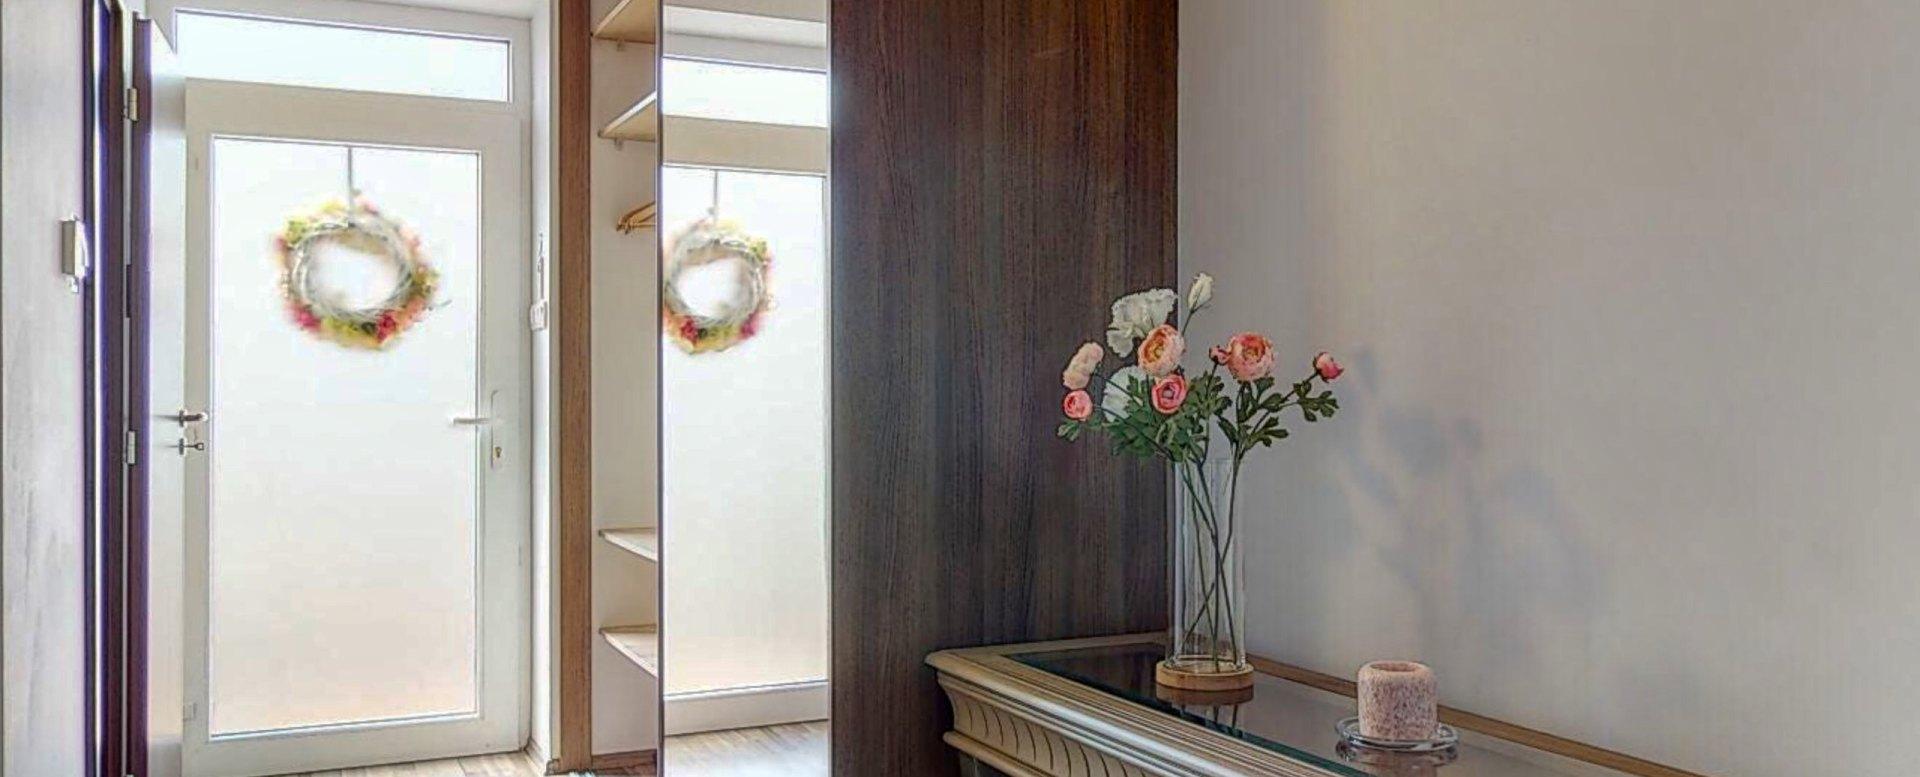 Pohľad na vstavanú skriňu, stolík s kvetinou a vstup do domu